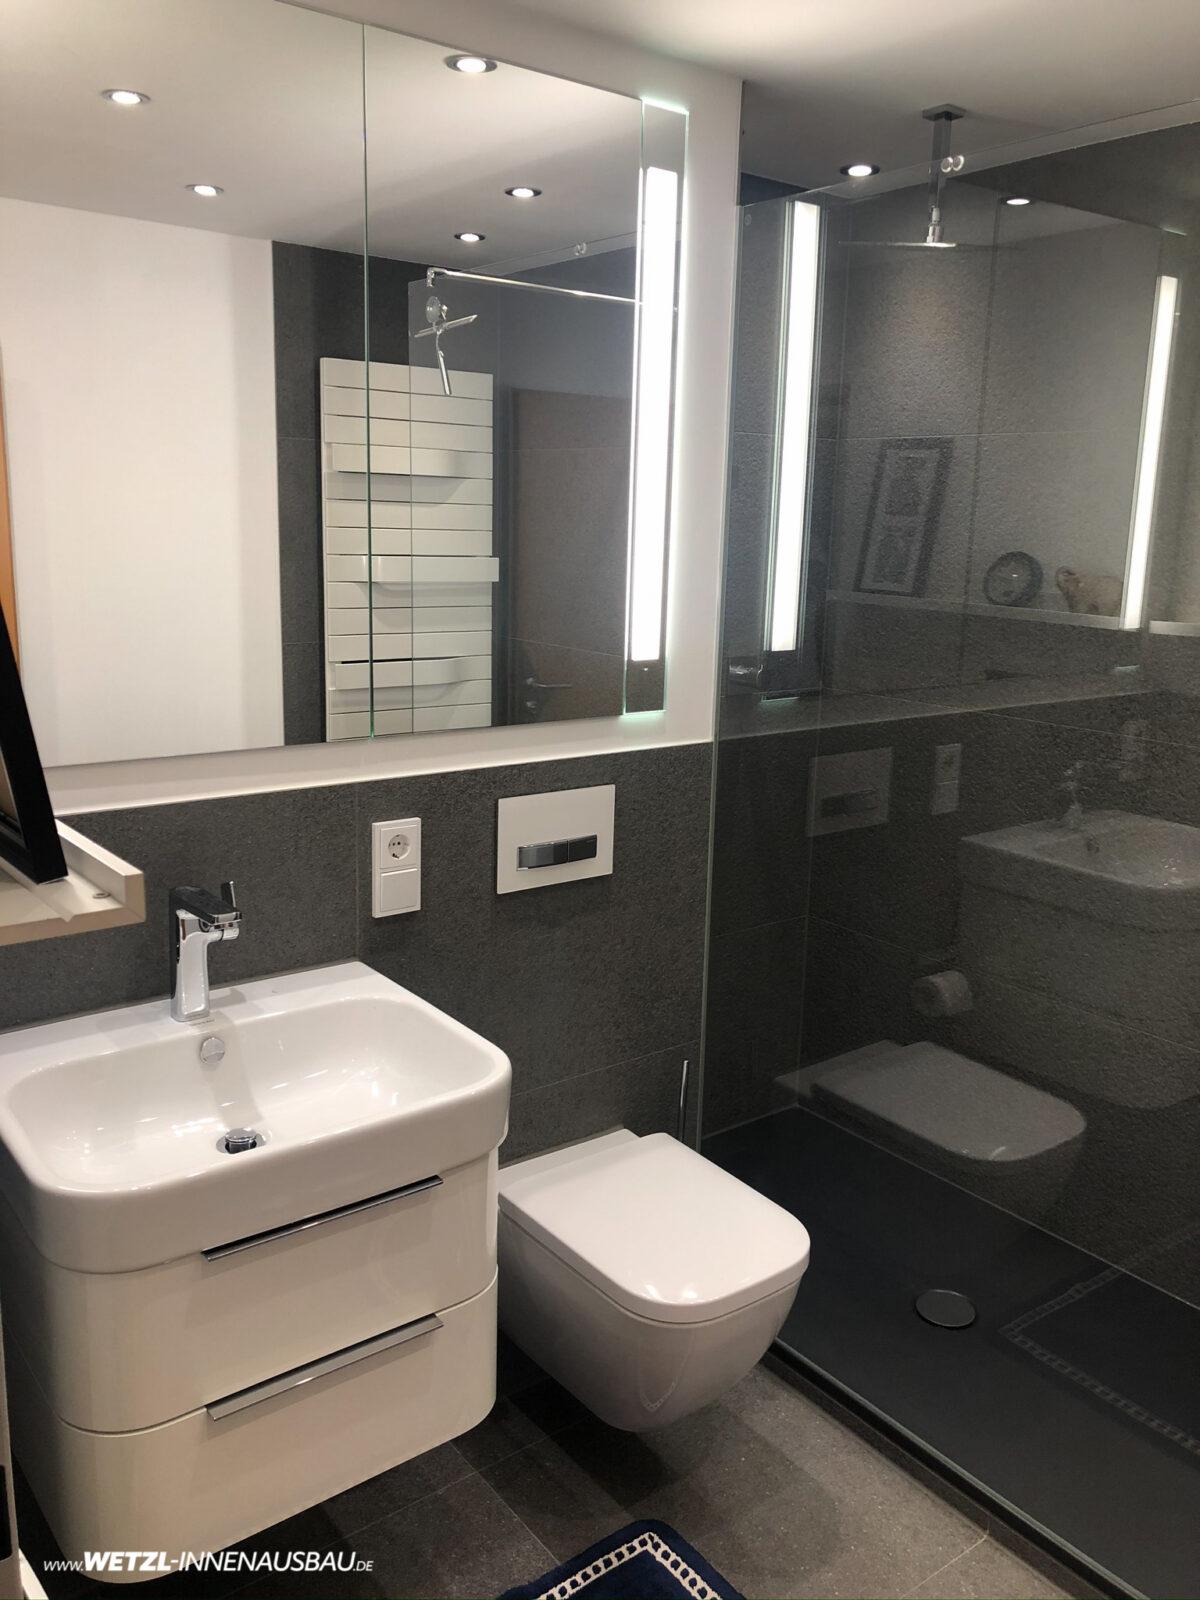 Badezimmer-Wetzl-Innenausbau-Muenchen-10-1200x1600.jpg